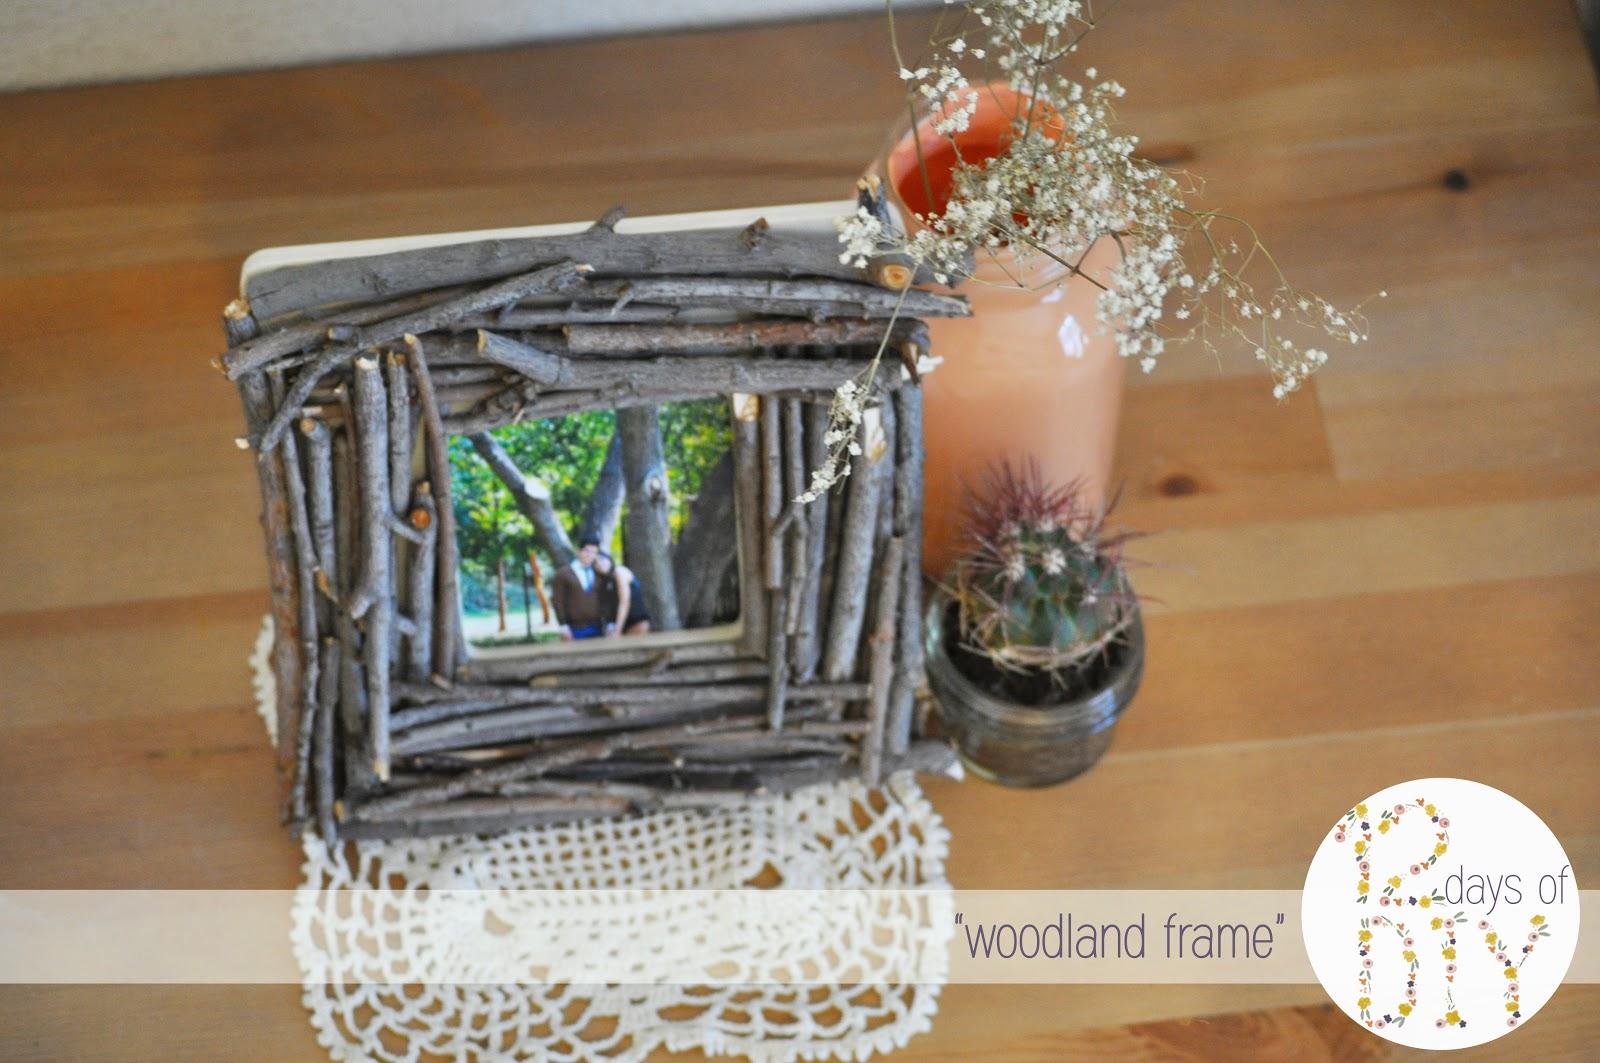 pie n 39 the sky 12 days of diy woodland frame. Black Bedroom Furniture Sets. Home Design Ideas